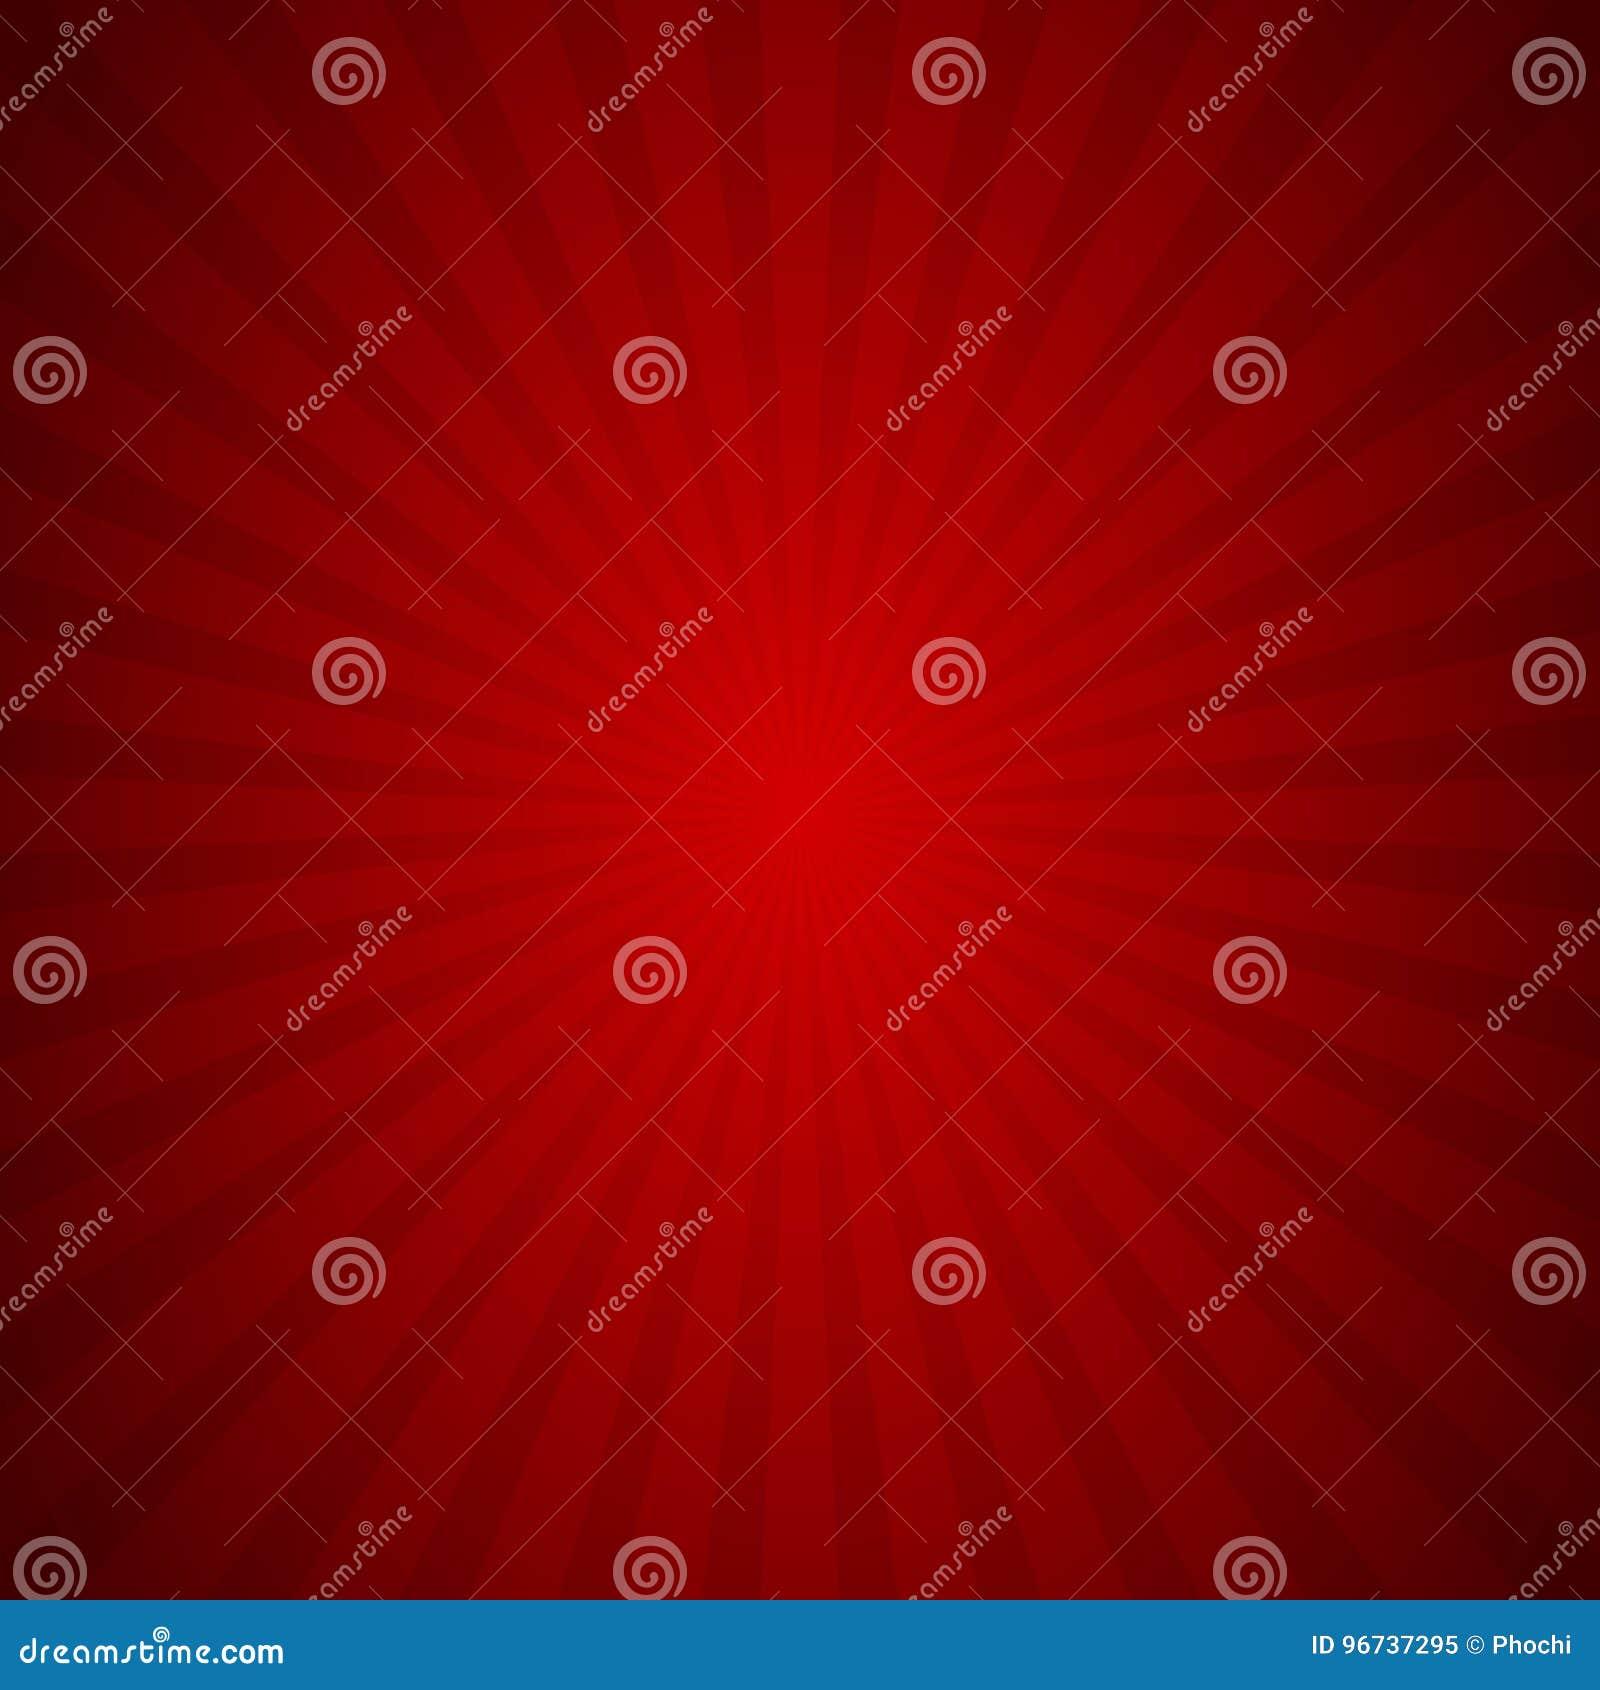 镶有钻石的旭日形首饰的背景红色光芒纹理图表,传染媒介